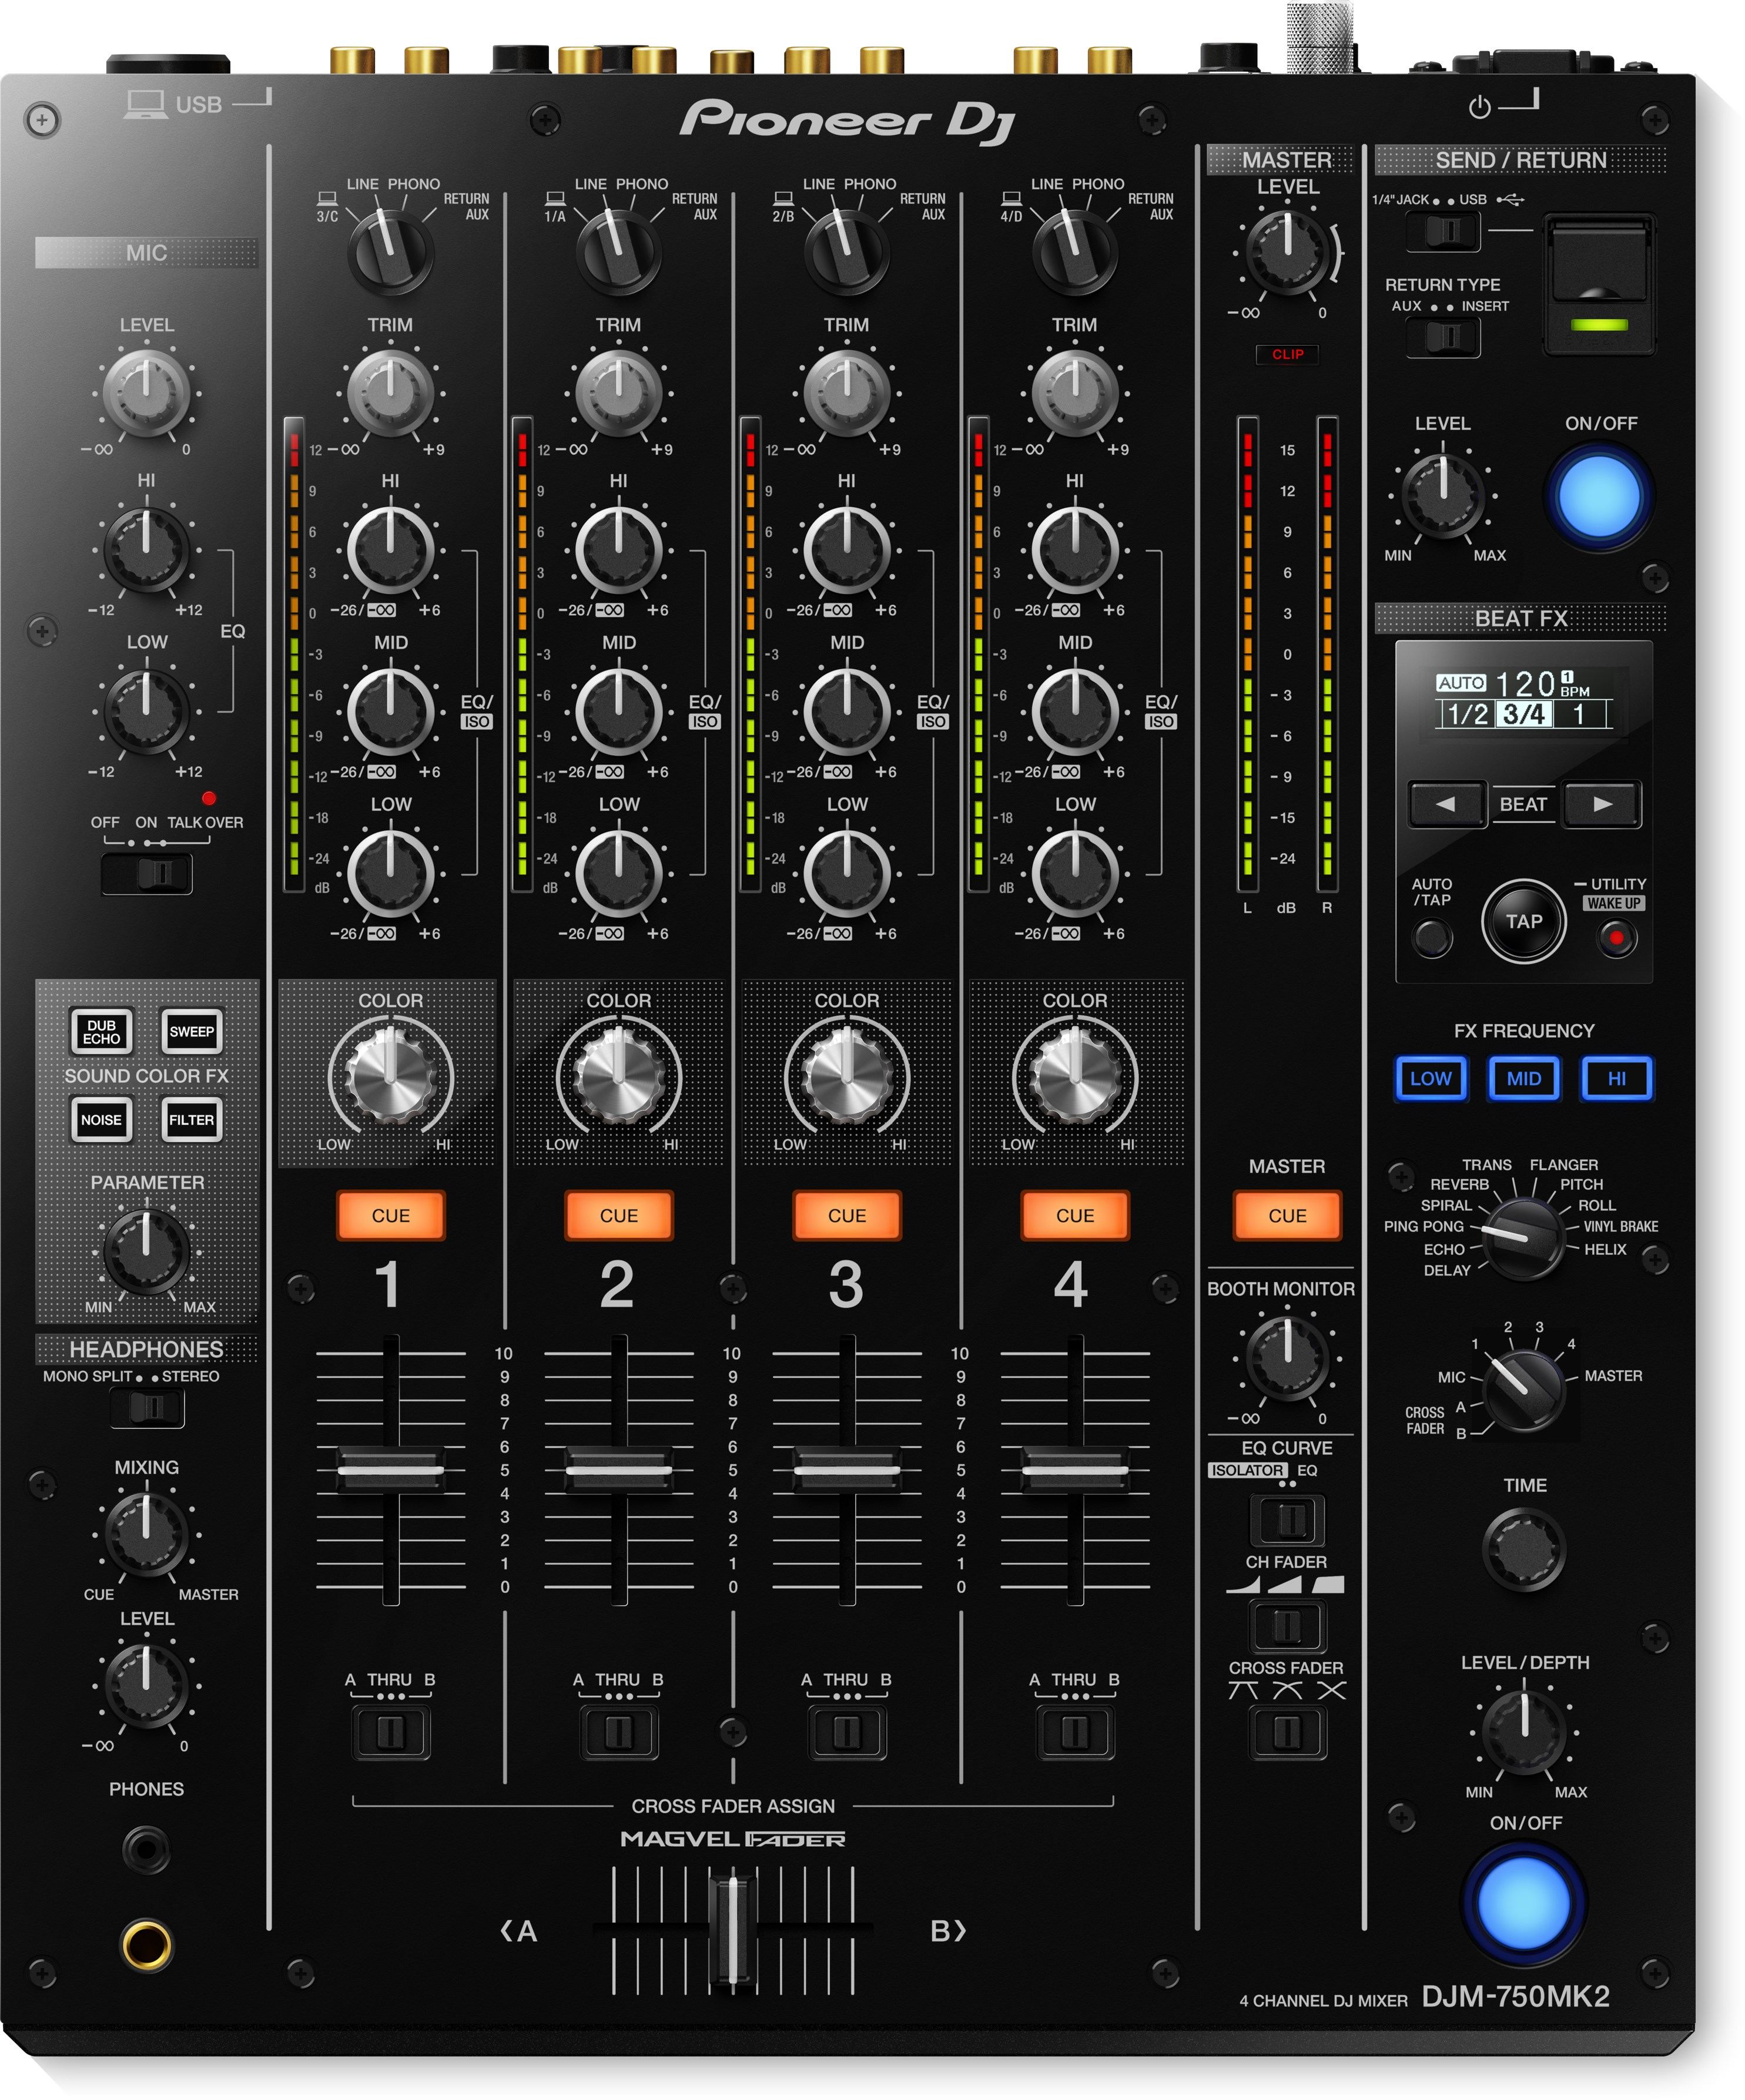 DJM-750MK2